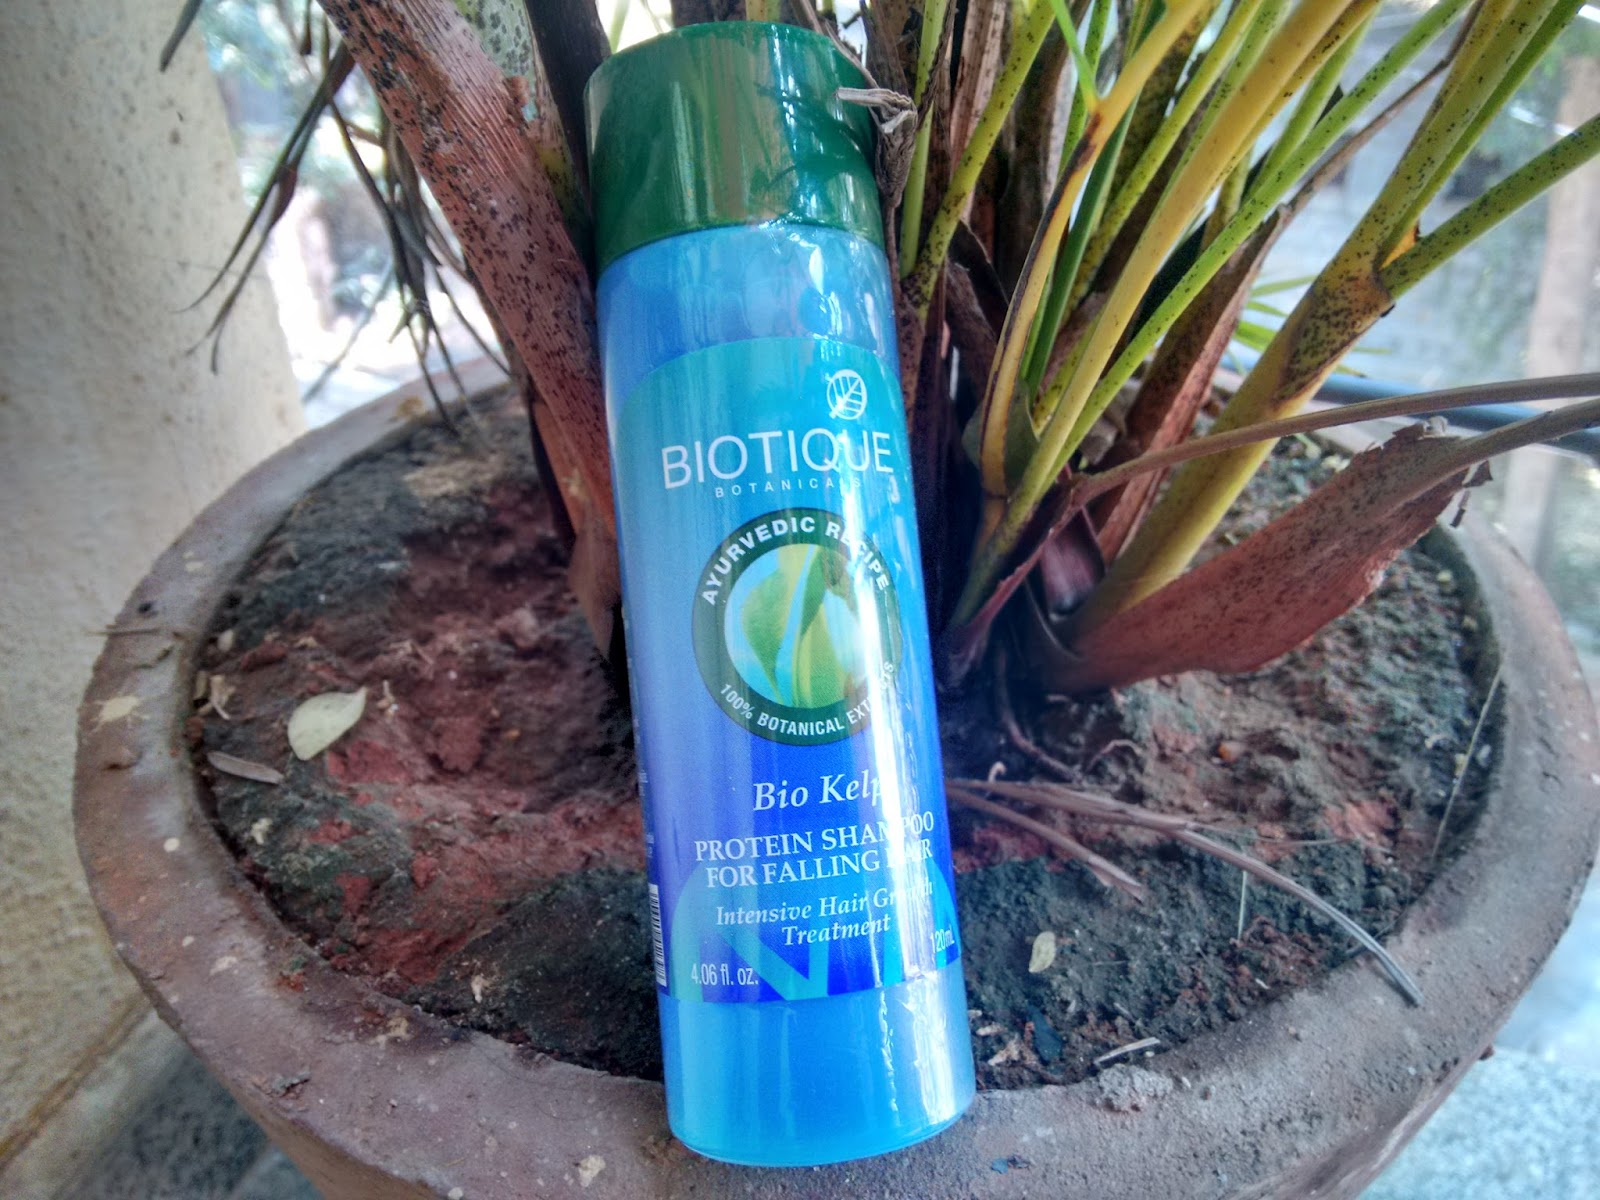 Biotique Bio Kelp Protein Shampoo For Falling Hair Intensive Hair